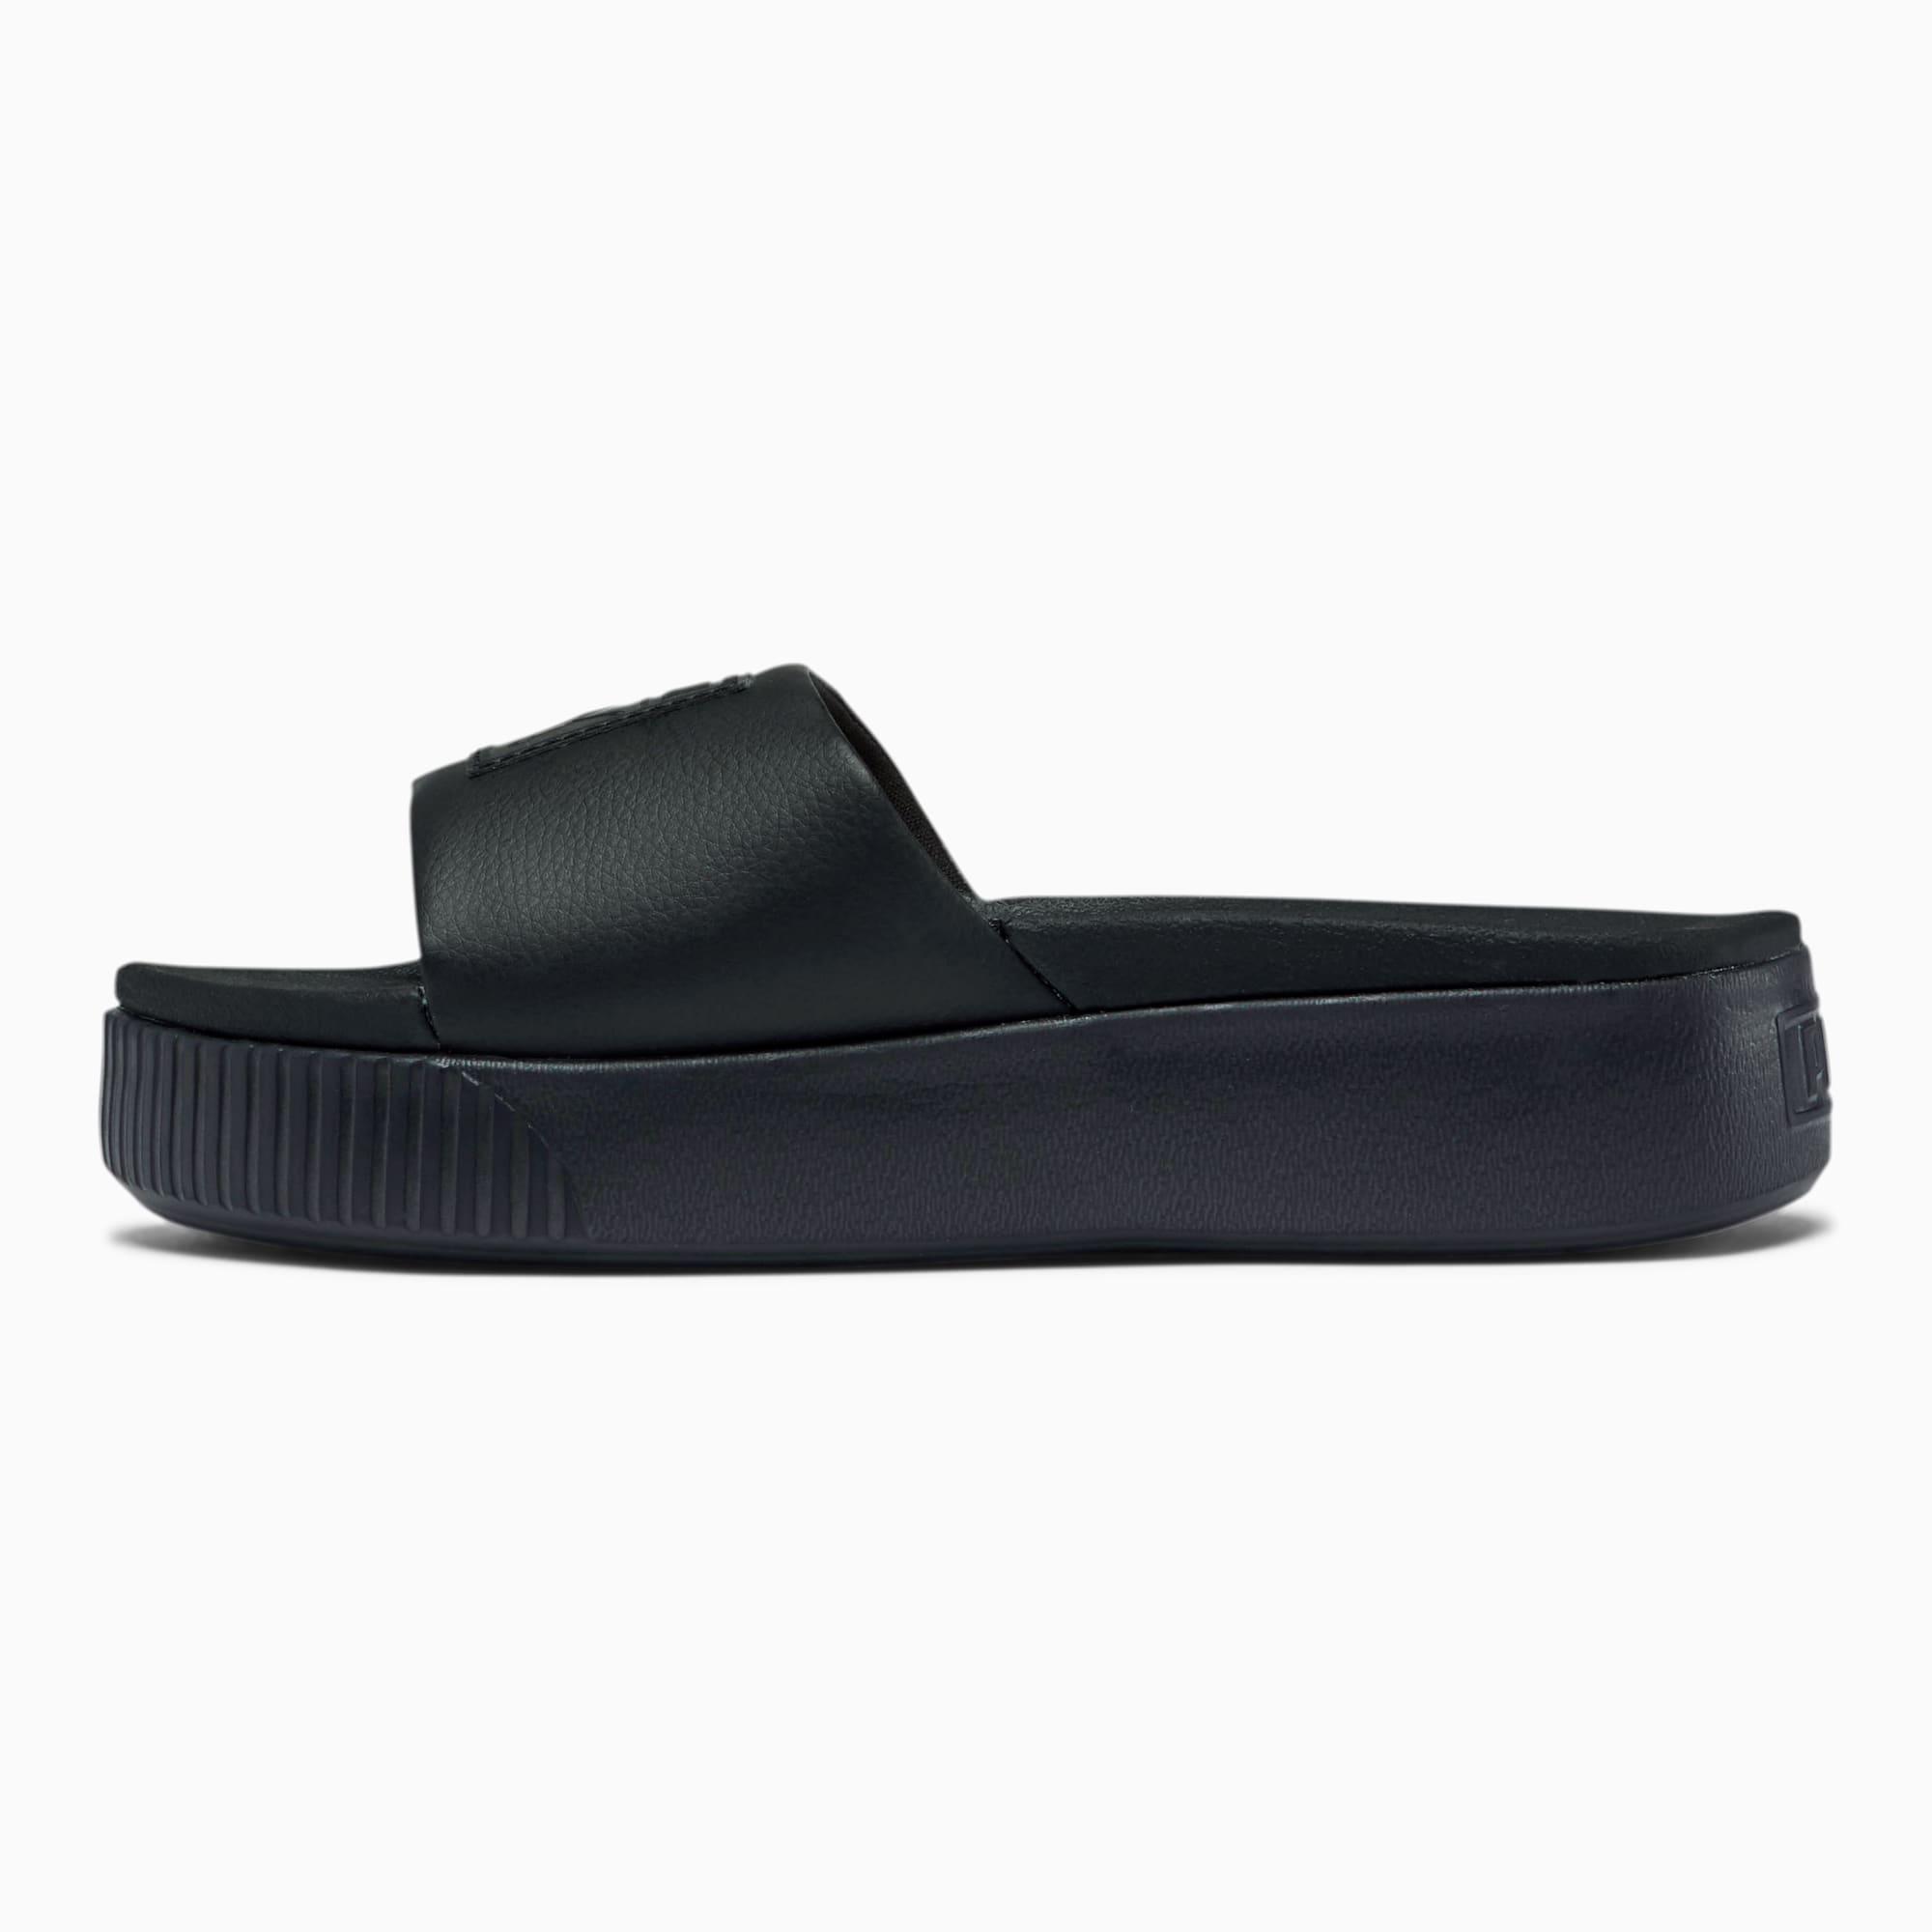 2018 shoes get cheap low price sale Platform Slide Women's Sandals